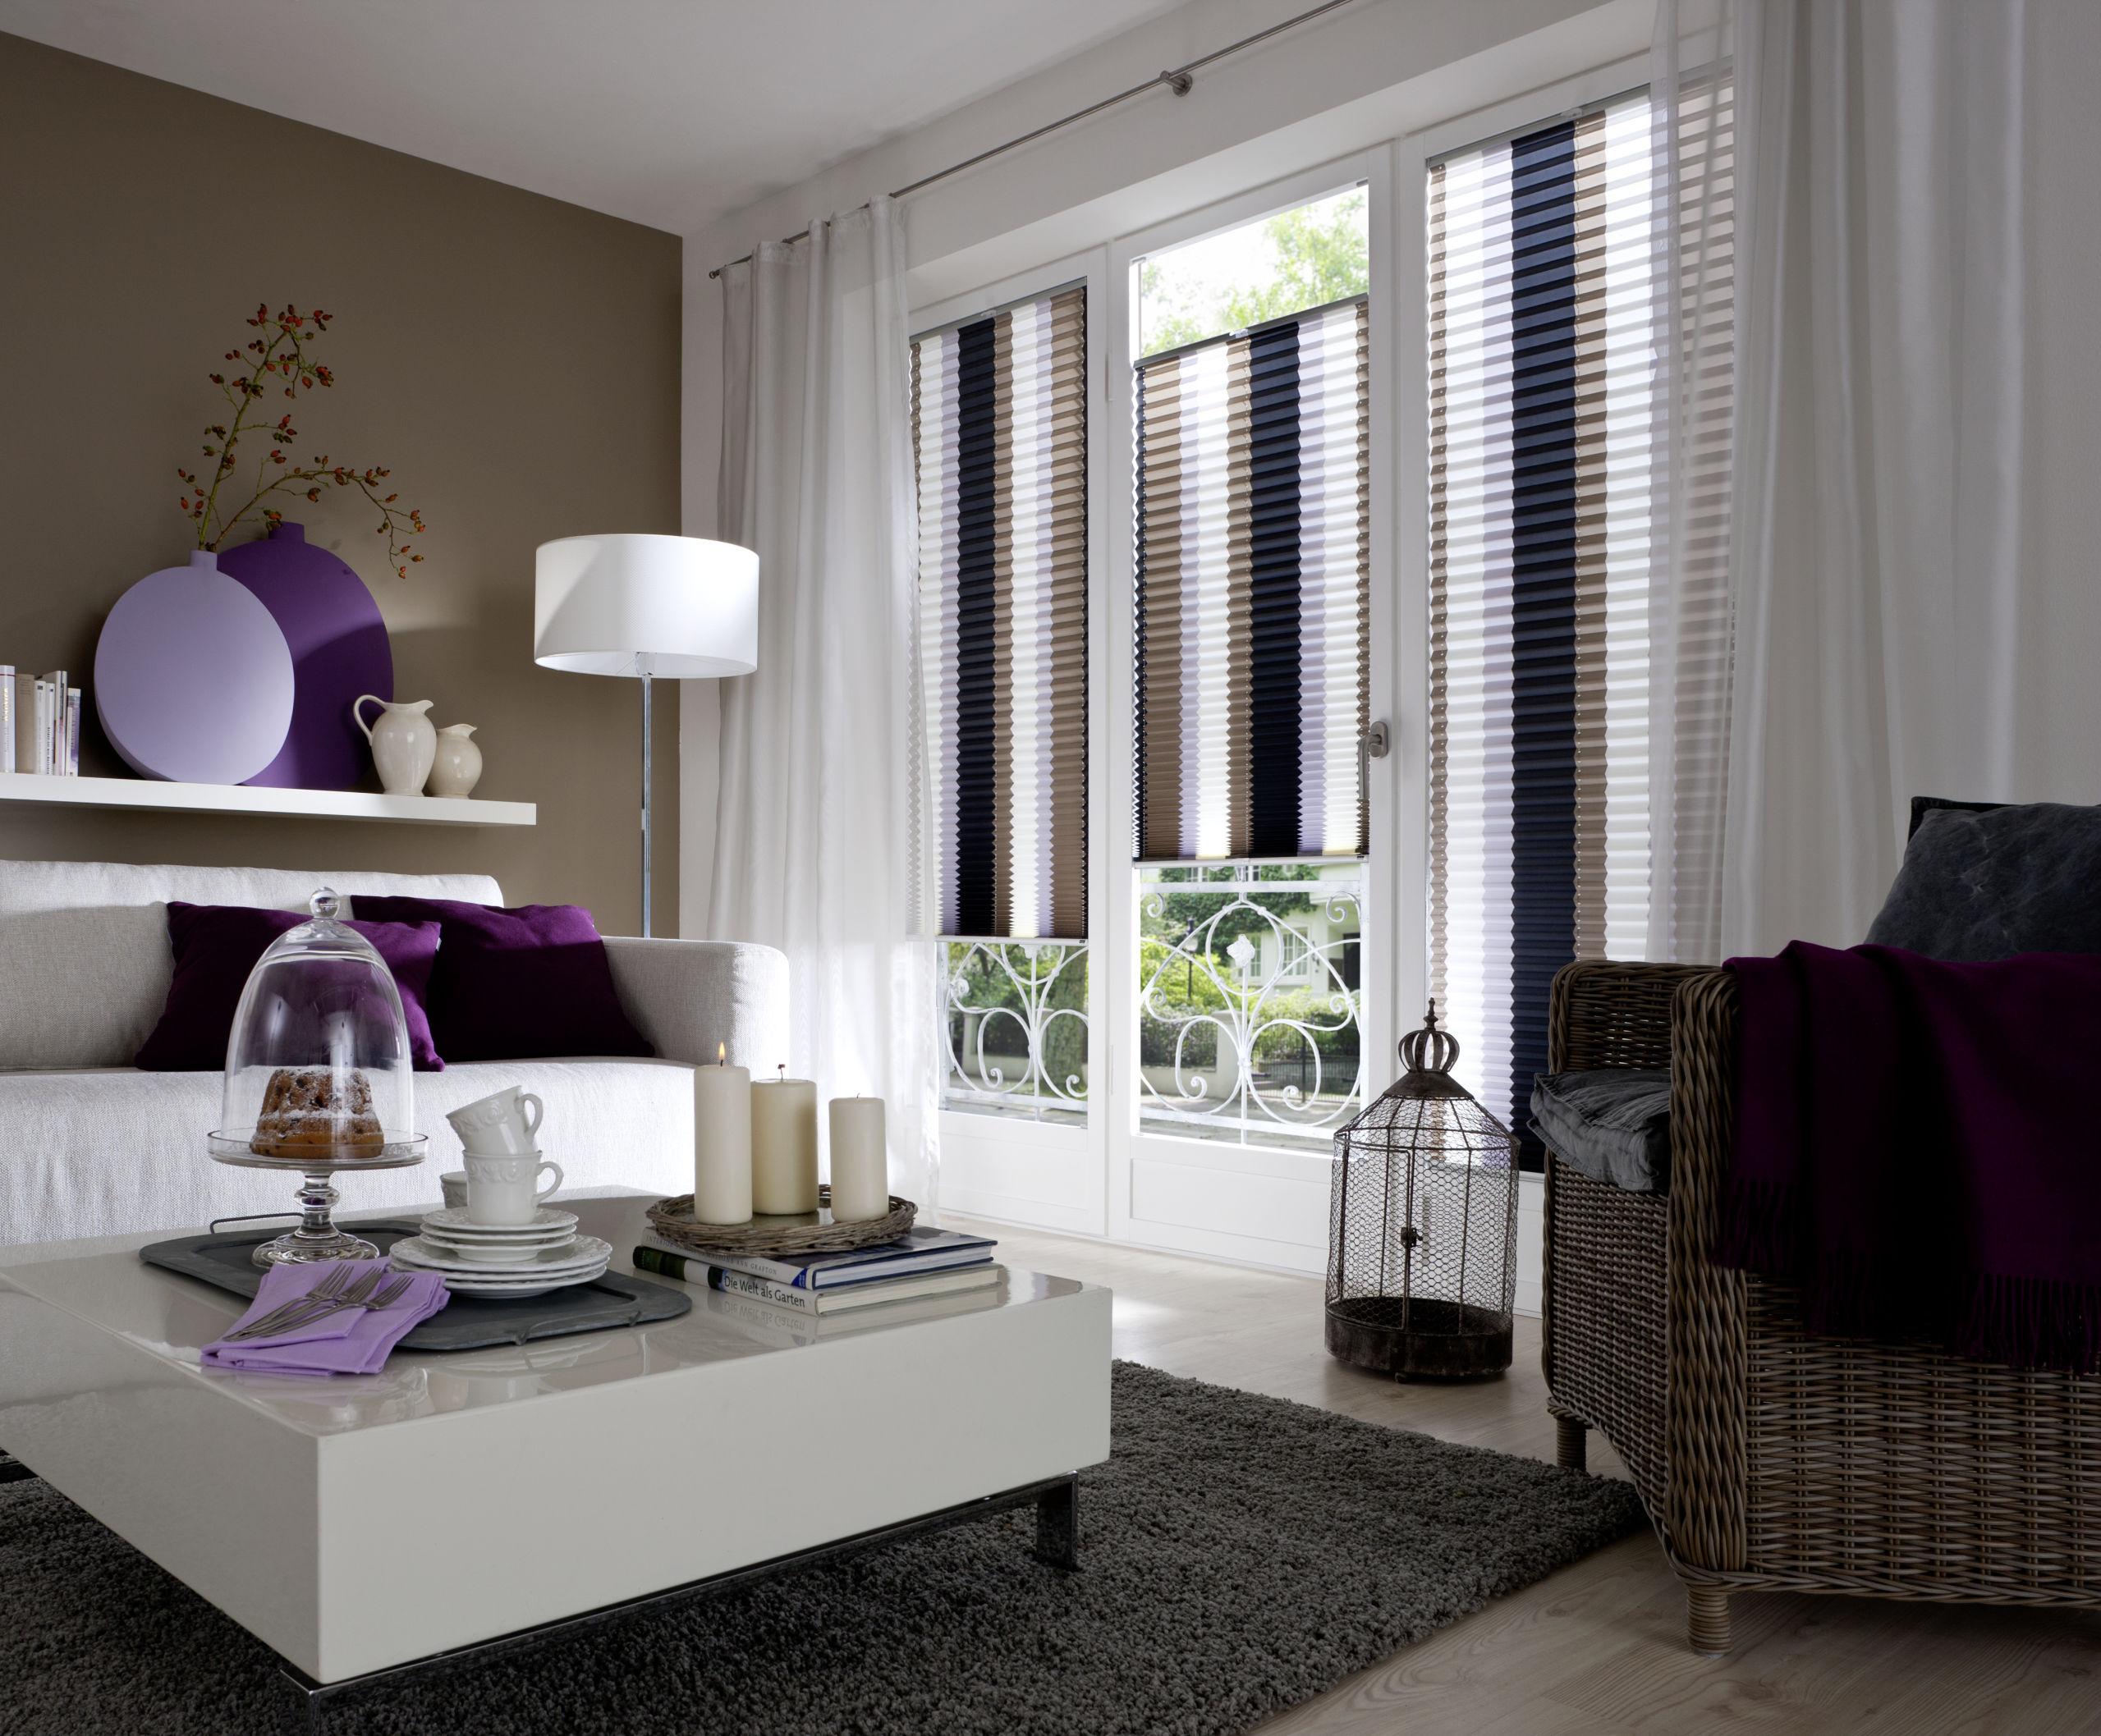 Plissee faltstore raumausstattung gauweiler speyer for Wohnzimmergestaltung bilder